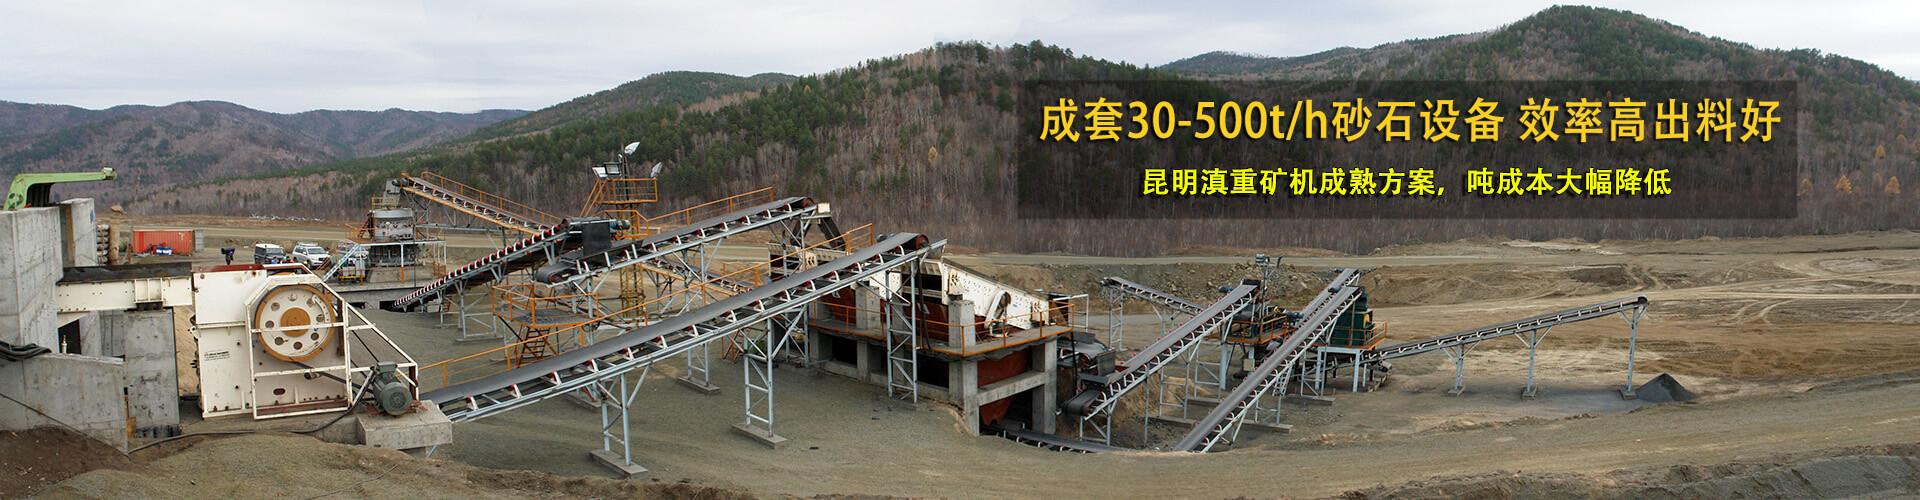 公分石生产线生产现场